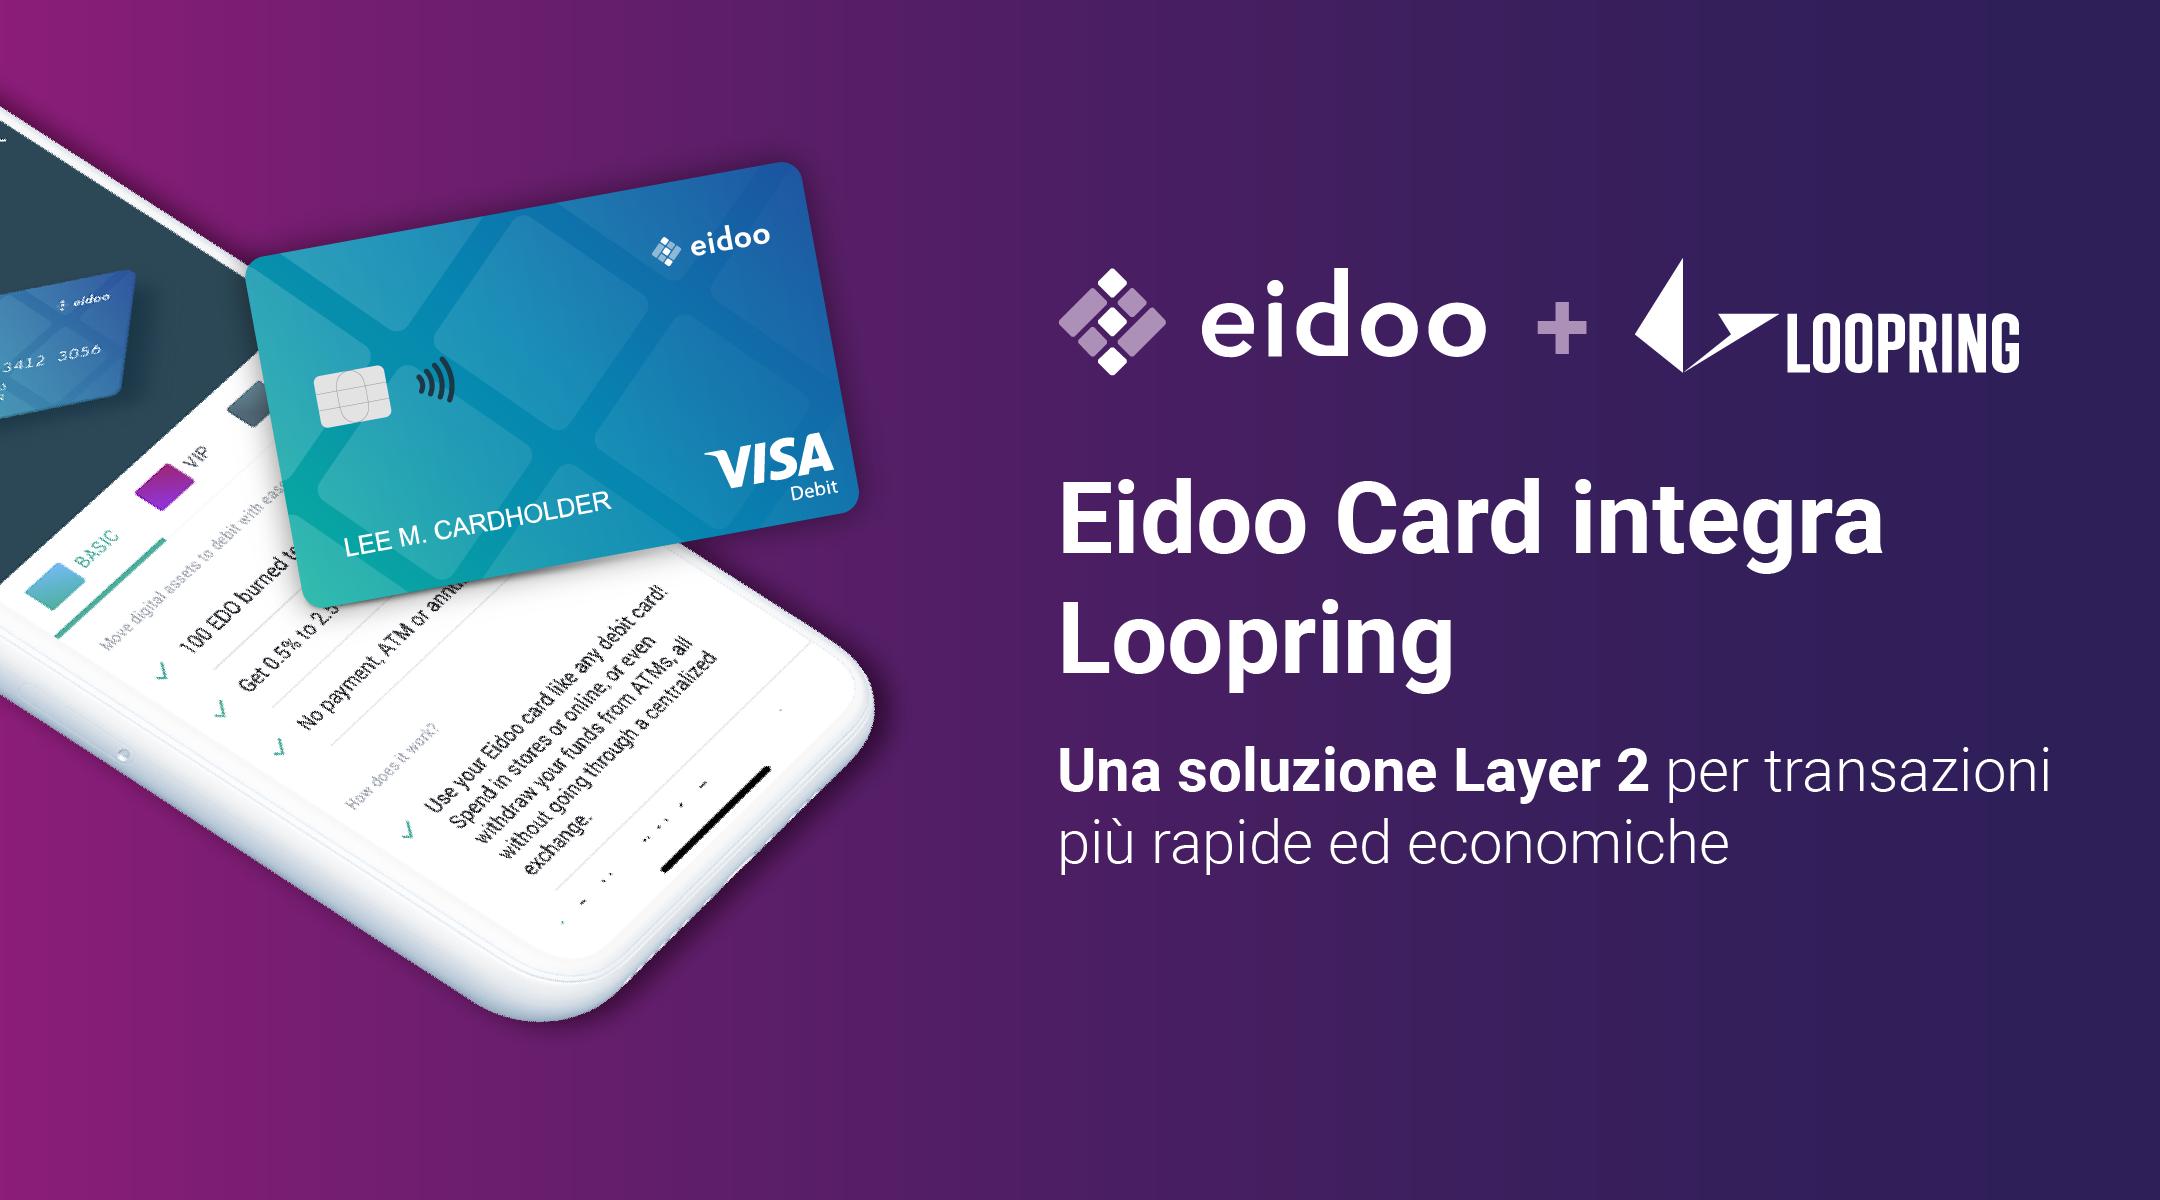 EIDOO CARD INTEGRA LOOPRING, LA SOLUZIONE LAYER 2 PER TRANSAZIONI GLOBALI PIÙ VELOCI ED ECONOMICHE